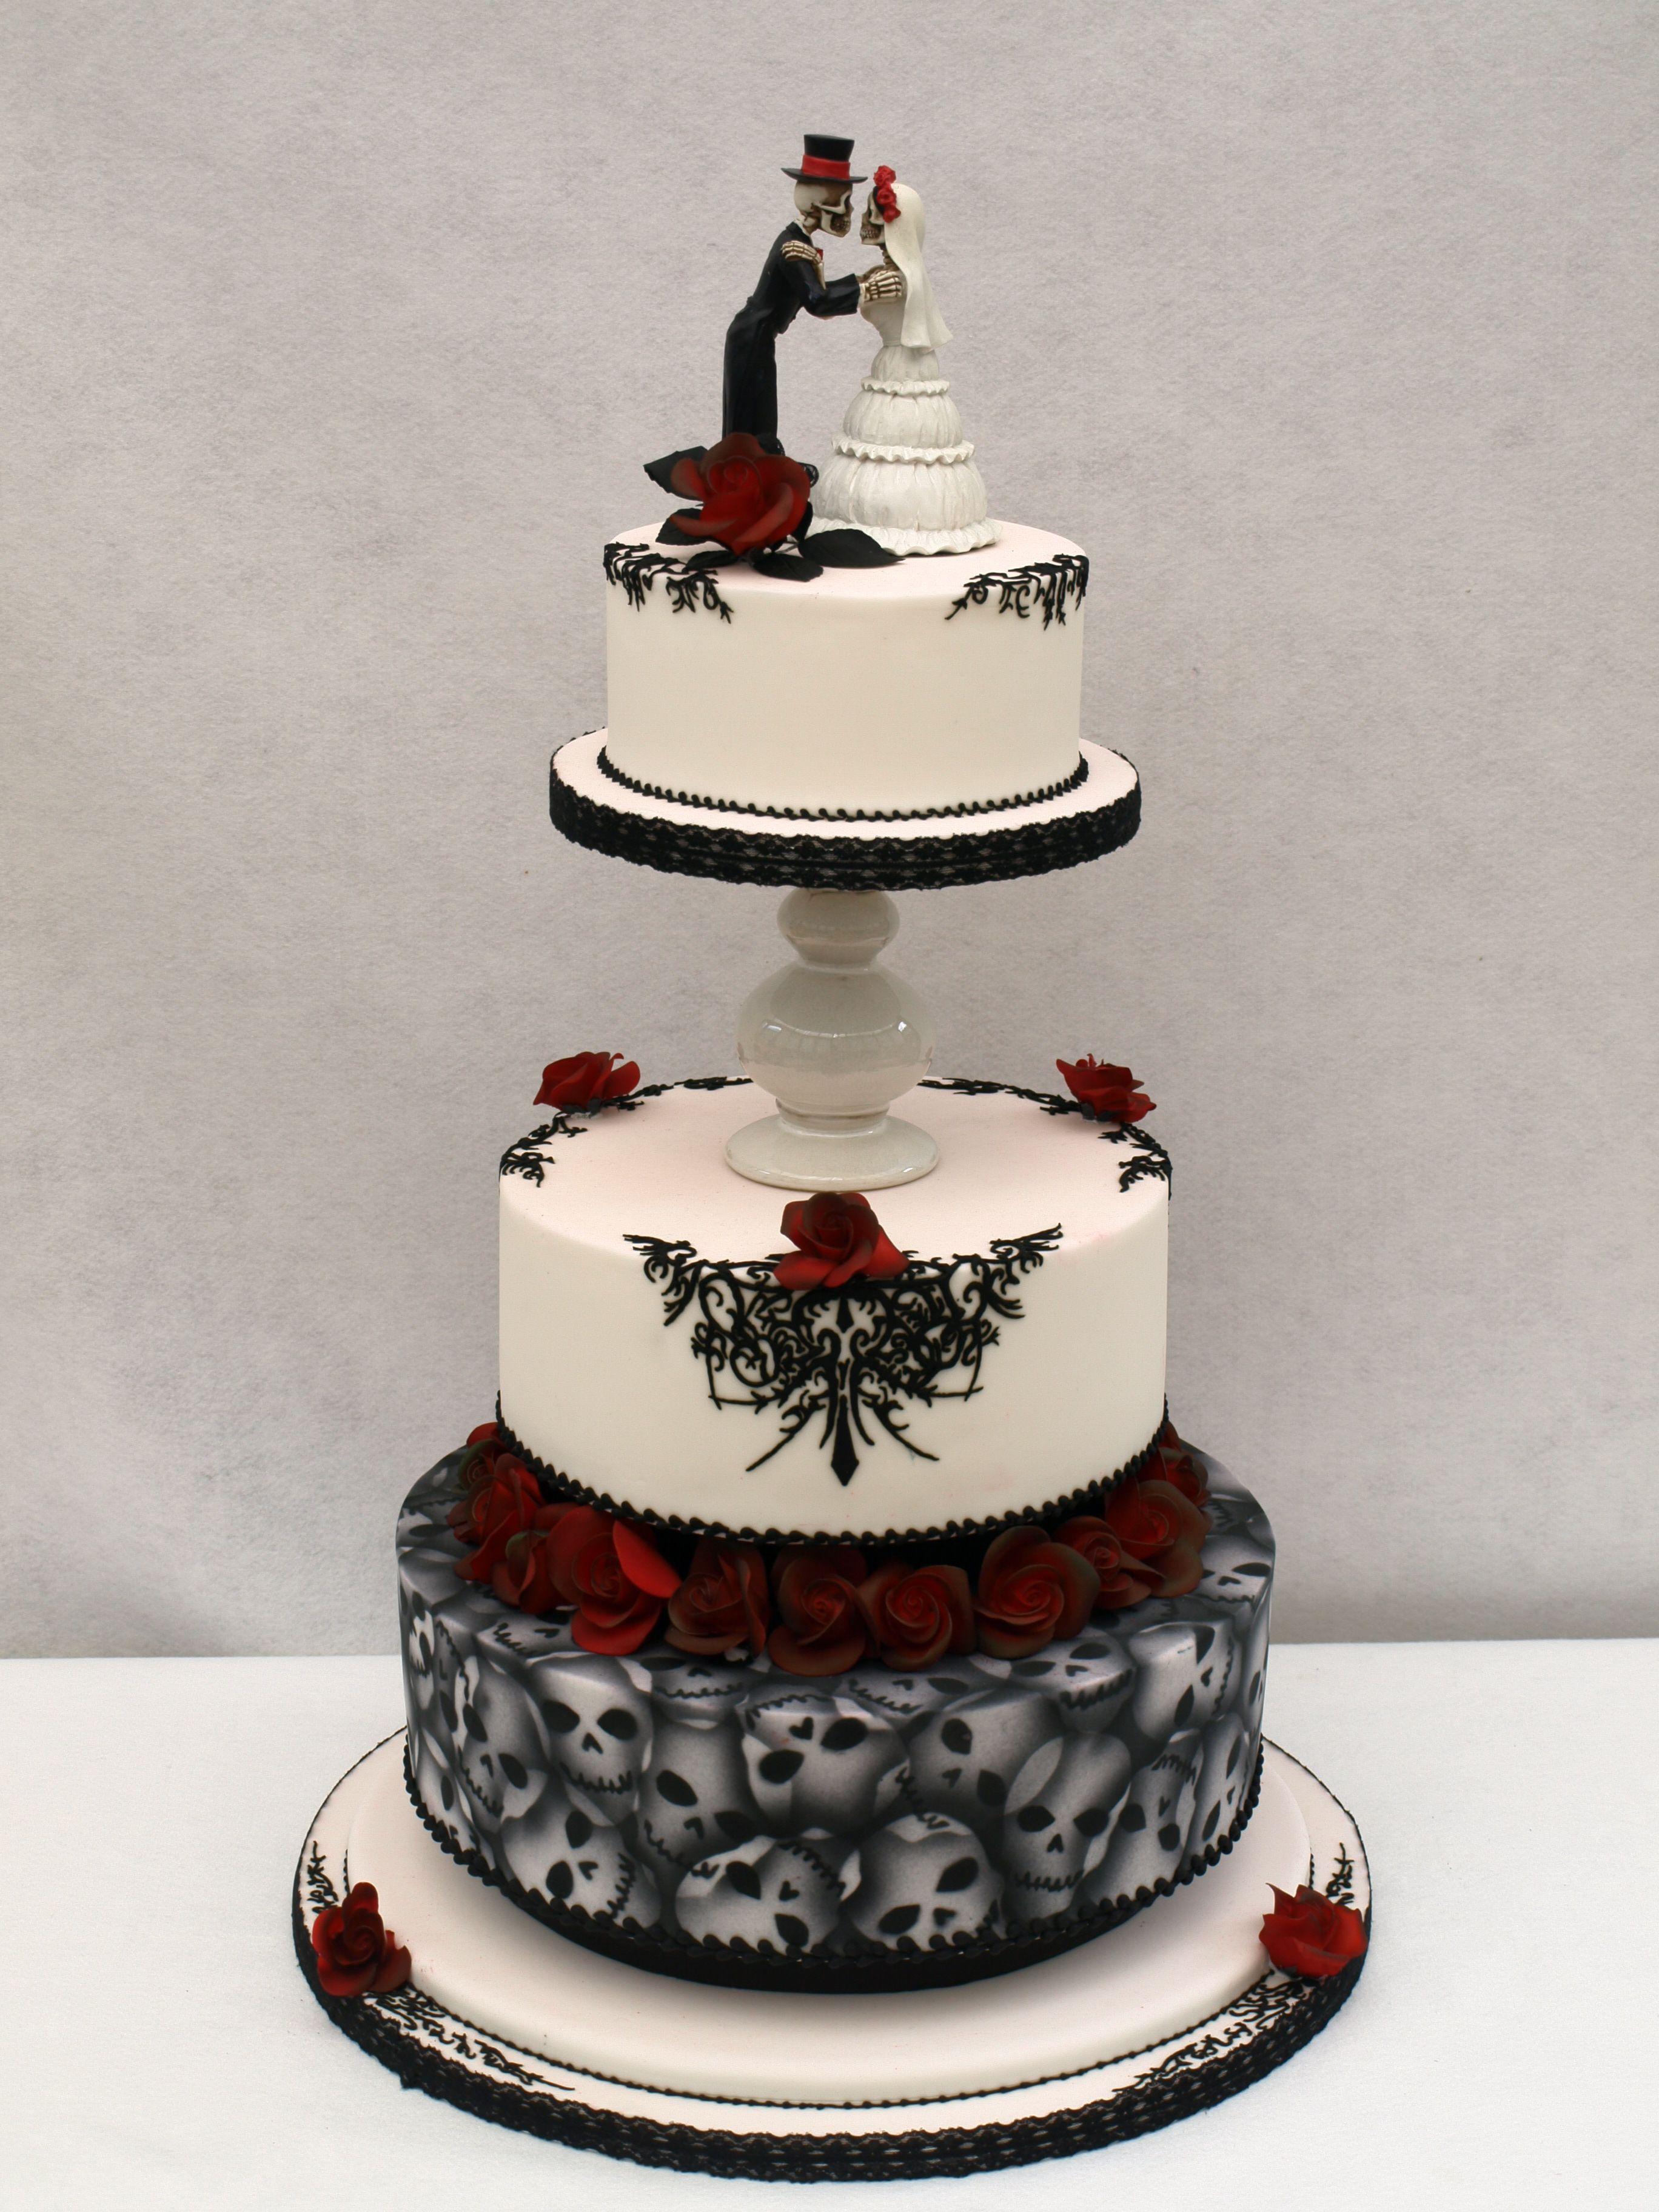 Gothic Wedding Cake Halloween Wedding Cakes Gothic Wedding Cake